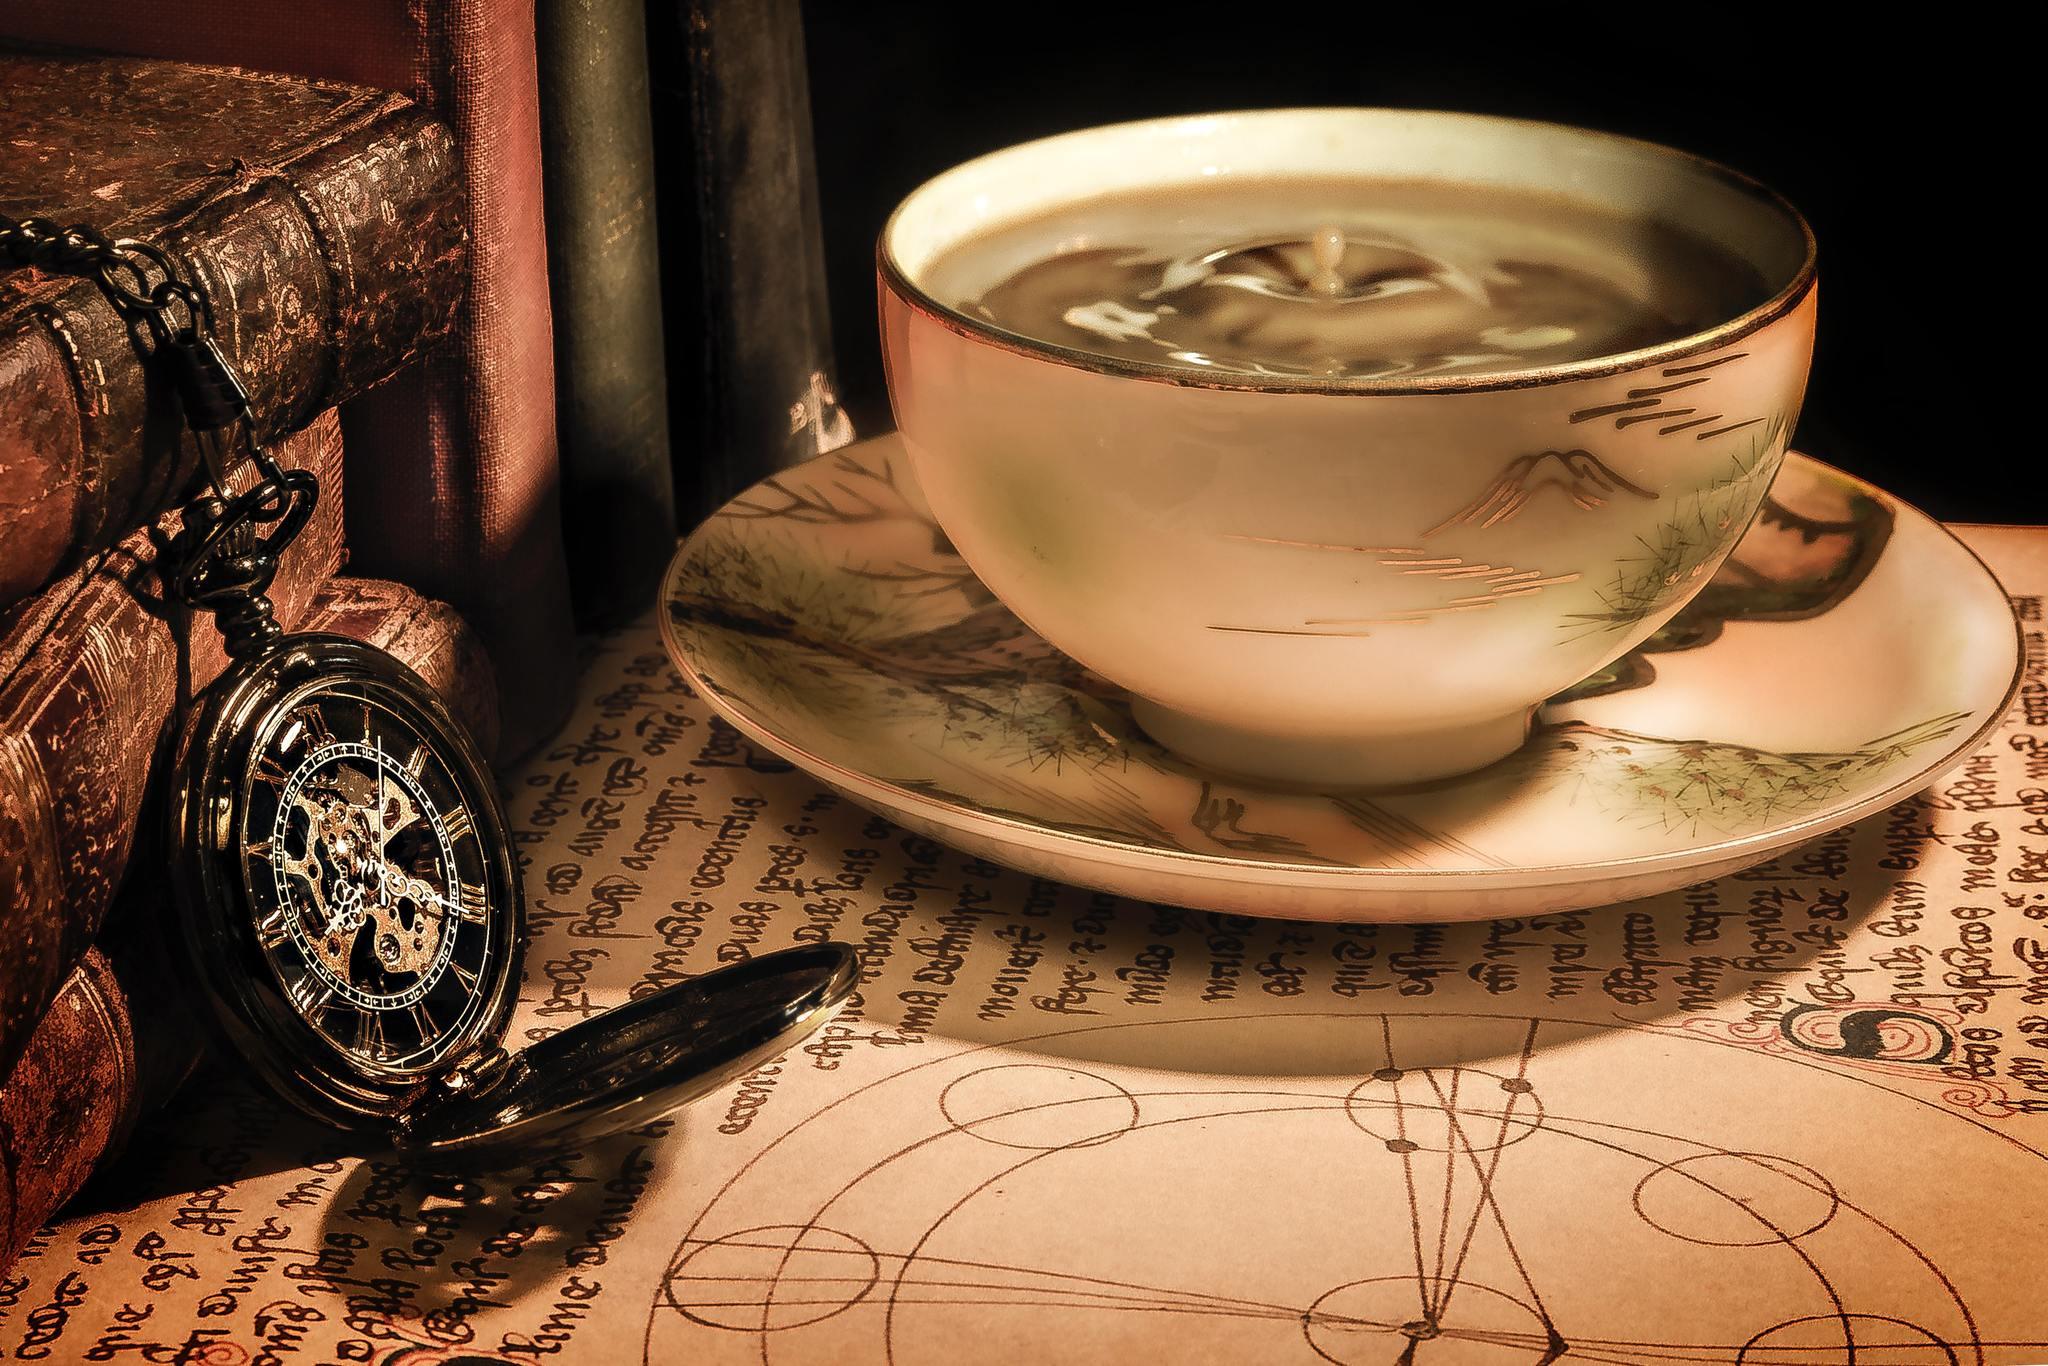 Кофейные сувениры. Откуда везем?